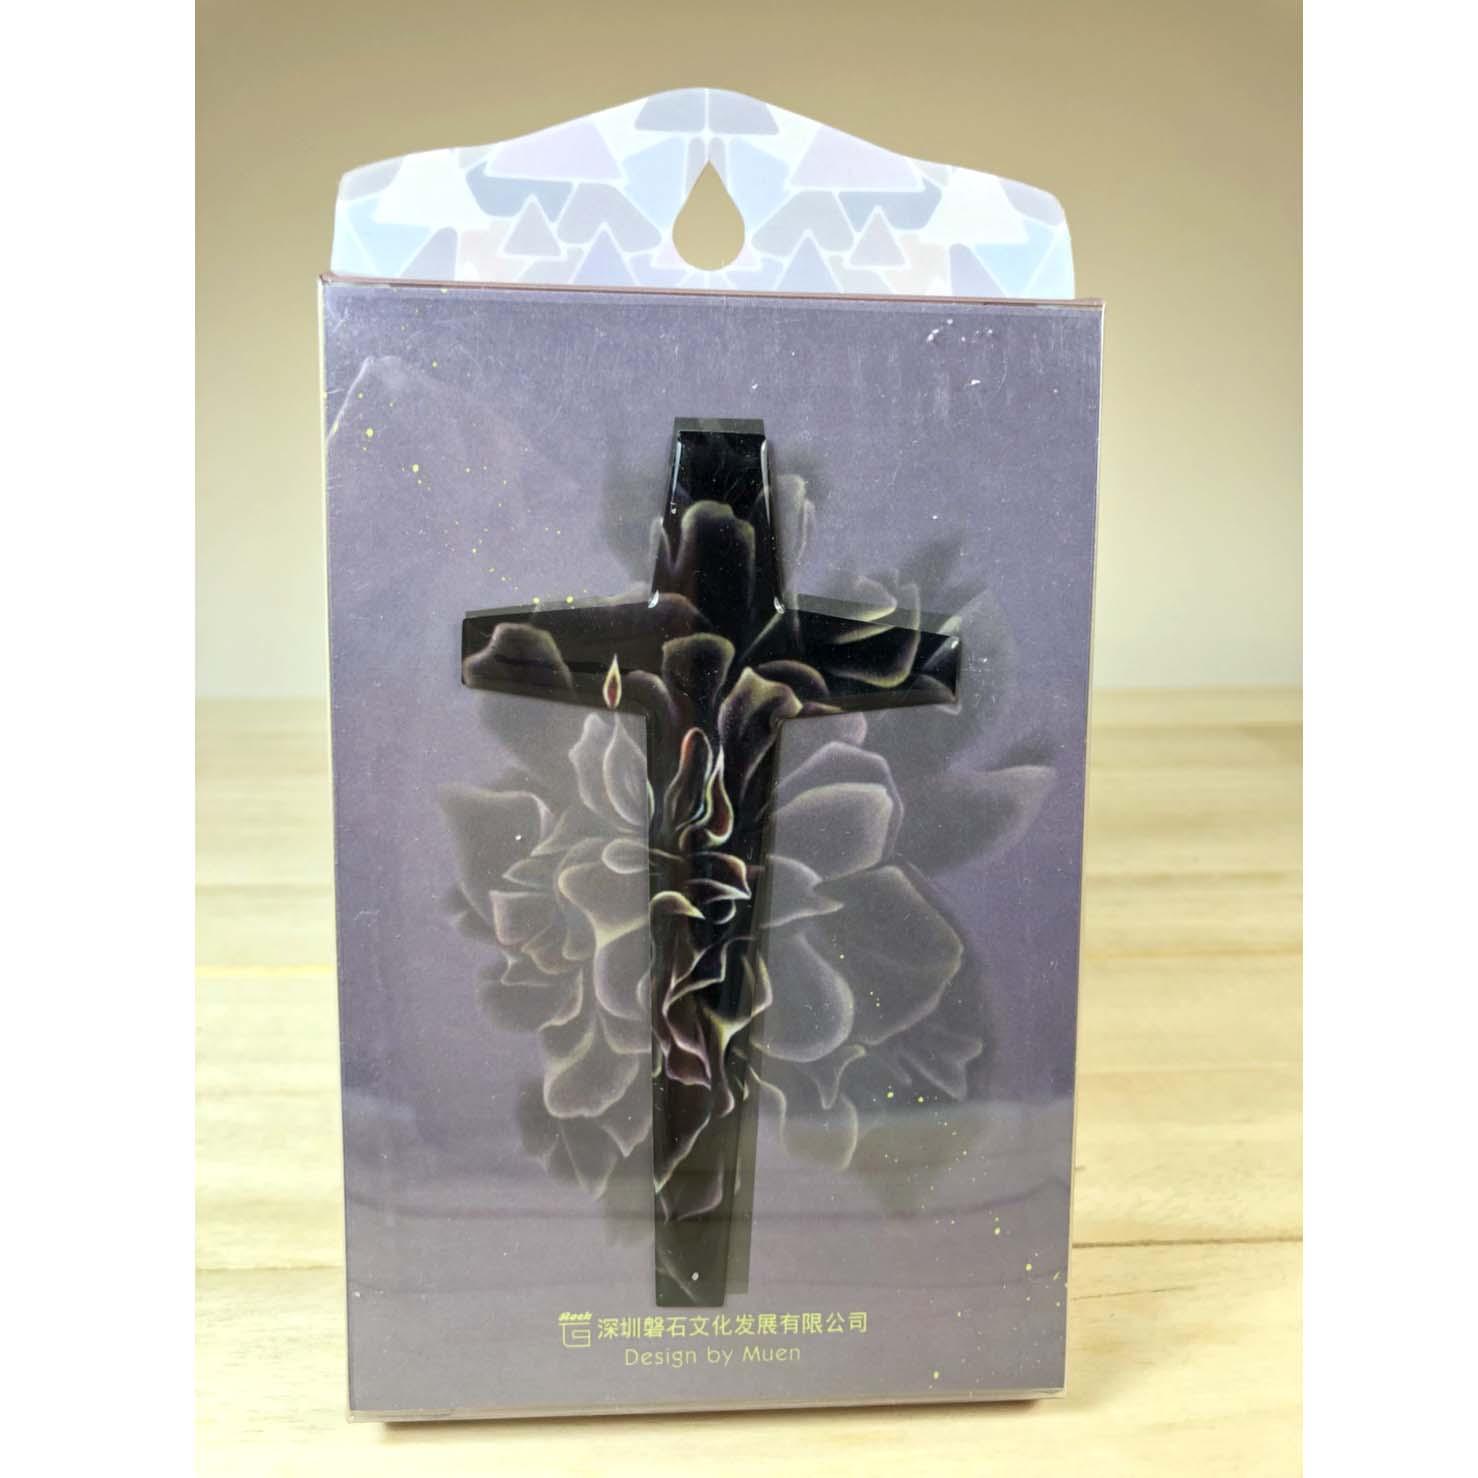 真光照耀-水滴十字架裝飾貼